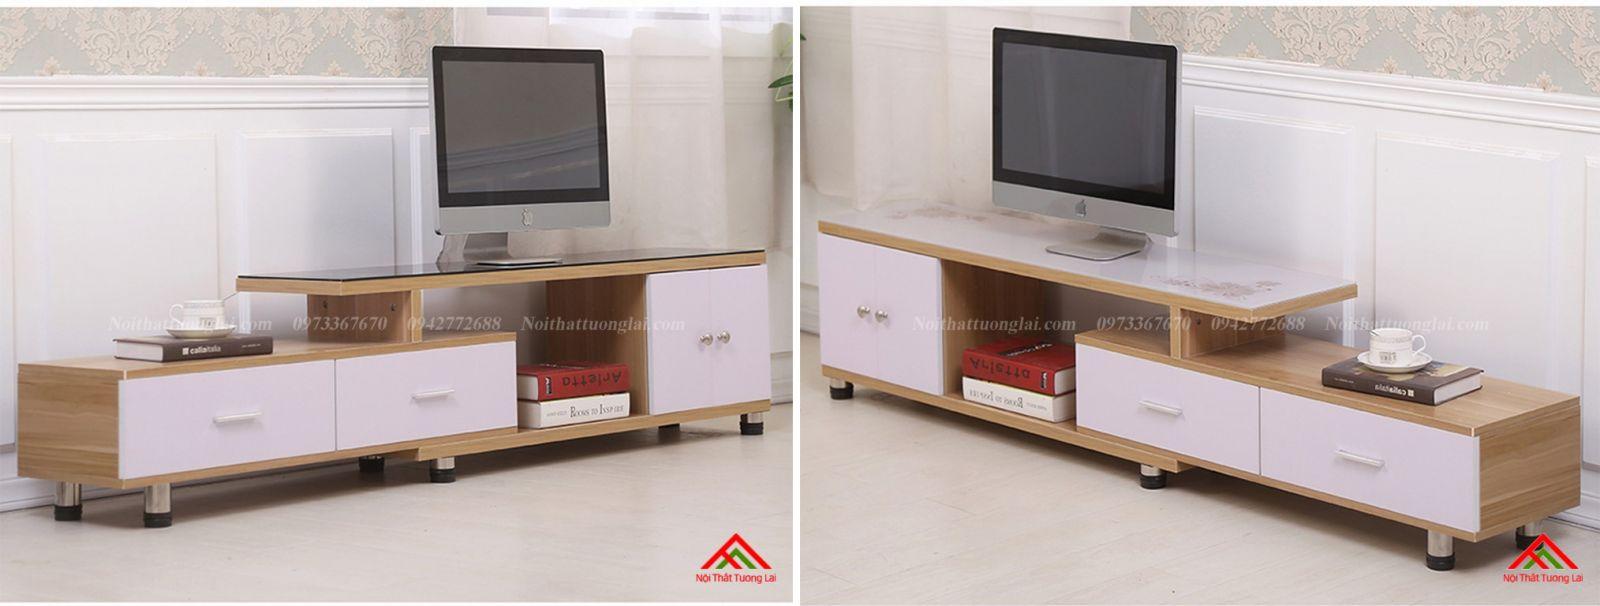 Kệ tivi gỗ mặt kính vẻ đẹp hiện đại KE6808 10